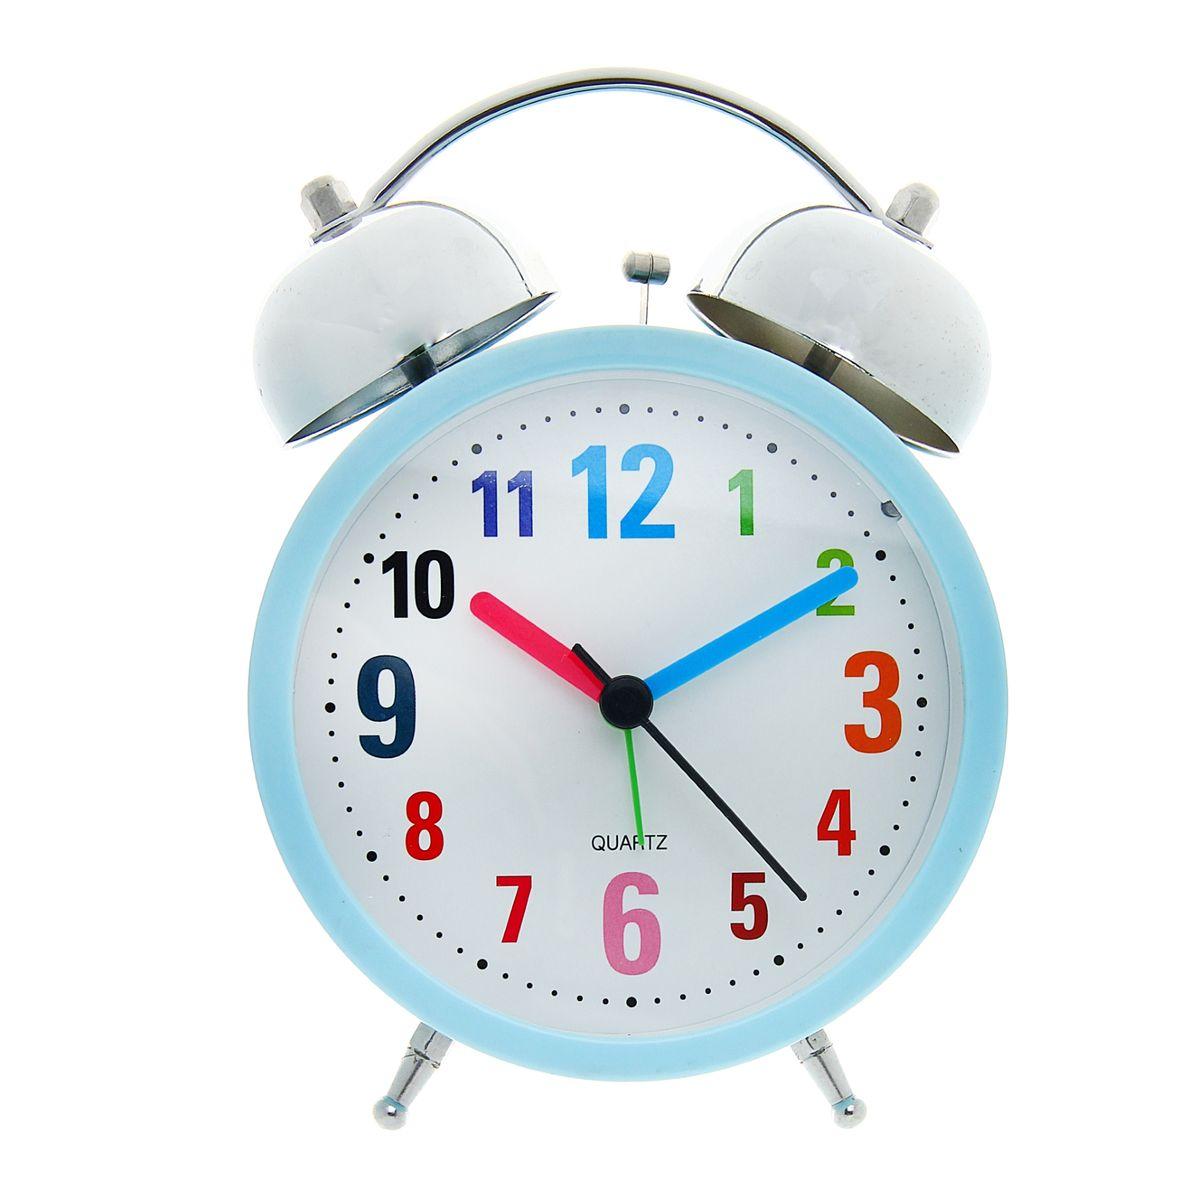 Часы-будильник Sima-land Цифры179036Как же сложно иногда вставать вовремя! Всегда так хочется поспать еще хотя бы 5 минут и бывает, что мы просыпаем. Теперь этого не случится! Яркий, оригинальный будильник Sima-land Цифры поможет вам всегда вставать в нужное время и успевать везде и всюду.Корпус будильника выполнен из металла. Циферблат имеет индикацию разноцветными арабскими цифрами. Часы снабжены 4 стрелками (секундная, минутная, часовая и для будильника). На задней панели будильника расположен переключатель включения/выключения механизма, а также два колесика для настройки текущего времени и времени звонка будильника. Также будильник оснащен кнопкой, при нажатии и удержании которой подсвечивается циферблат.Пользоваться будильником очень легко: нужно всего лишь поставить батарейки, настроить точное время и установить время звонка. Необходимо докупить 2 батарейки типа АА (не входят в комплект).